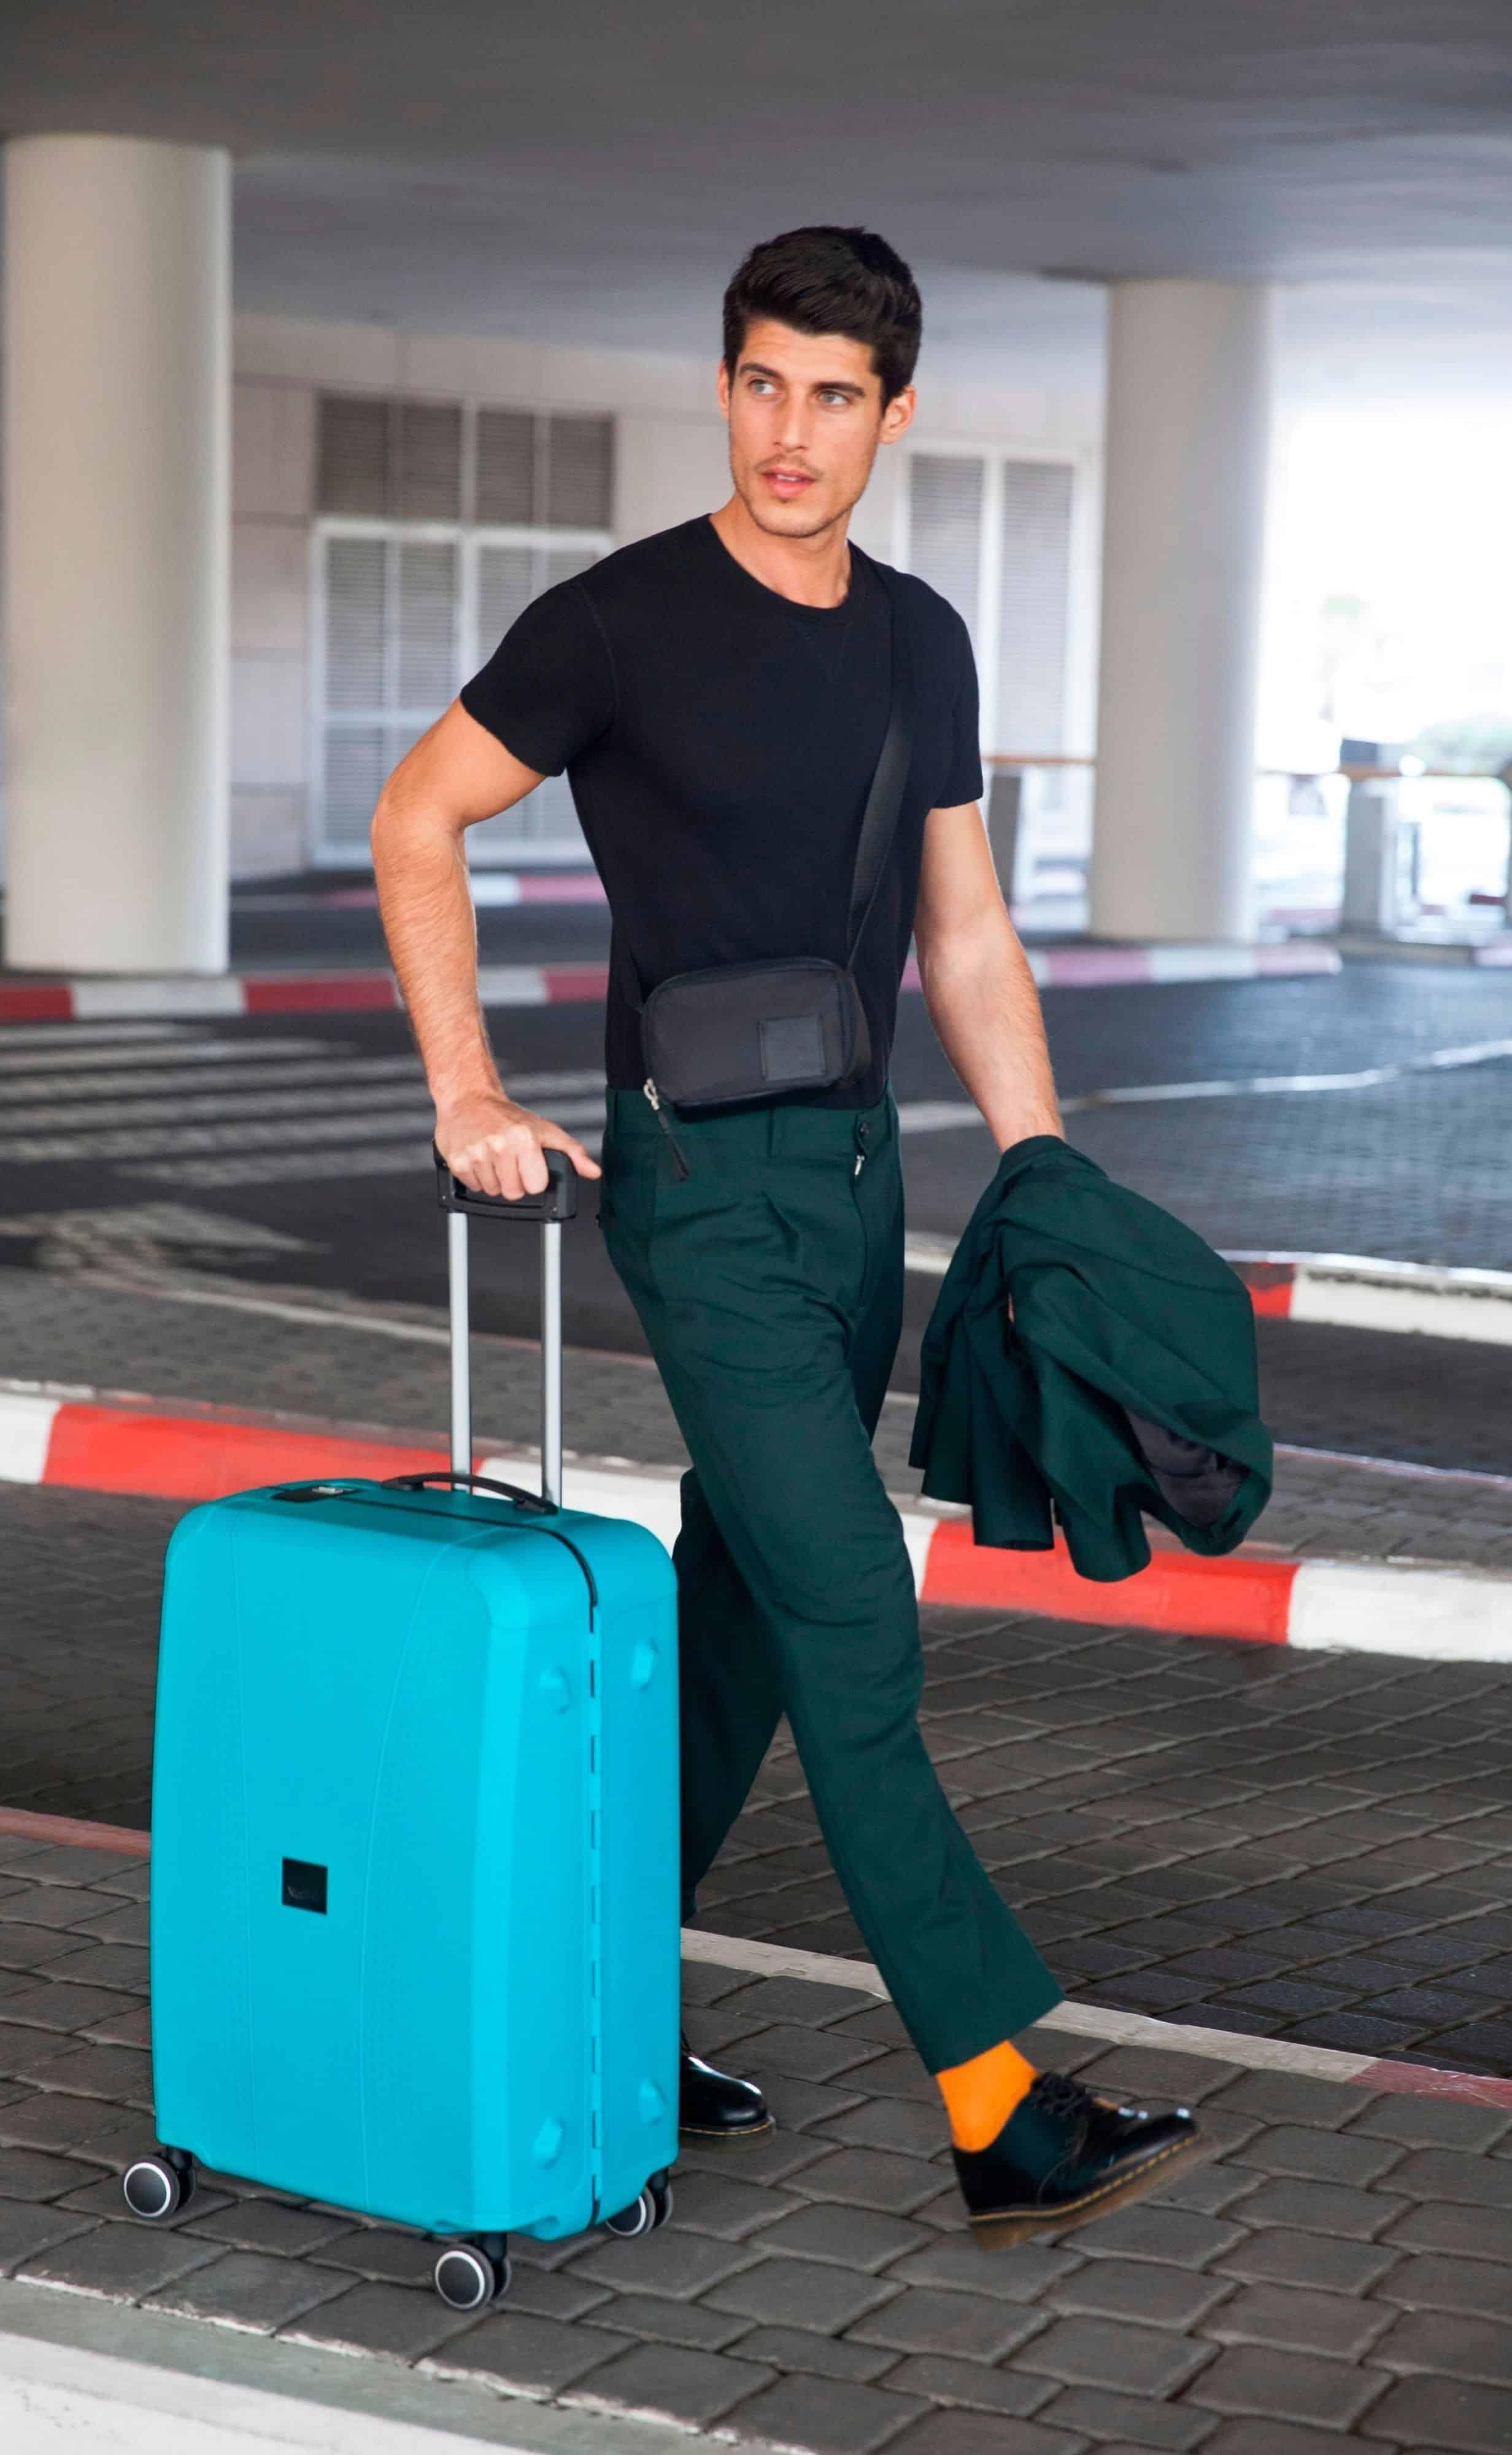 מזוודה חכמה רולינק עם מד משקל 2 (1) צילום מירב בן לולו (1)